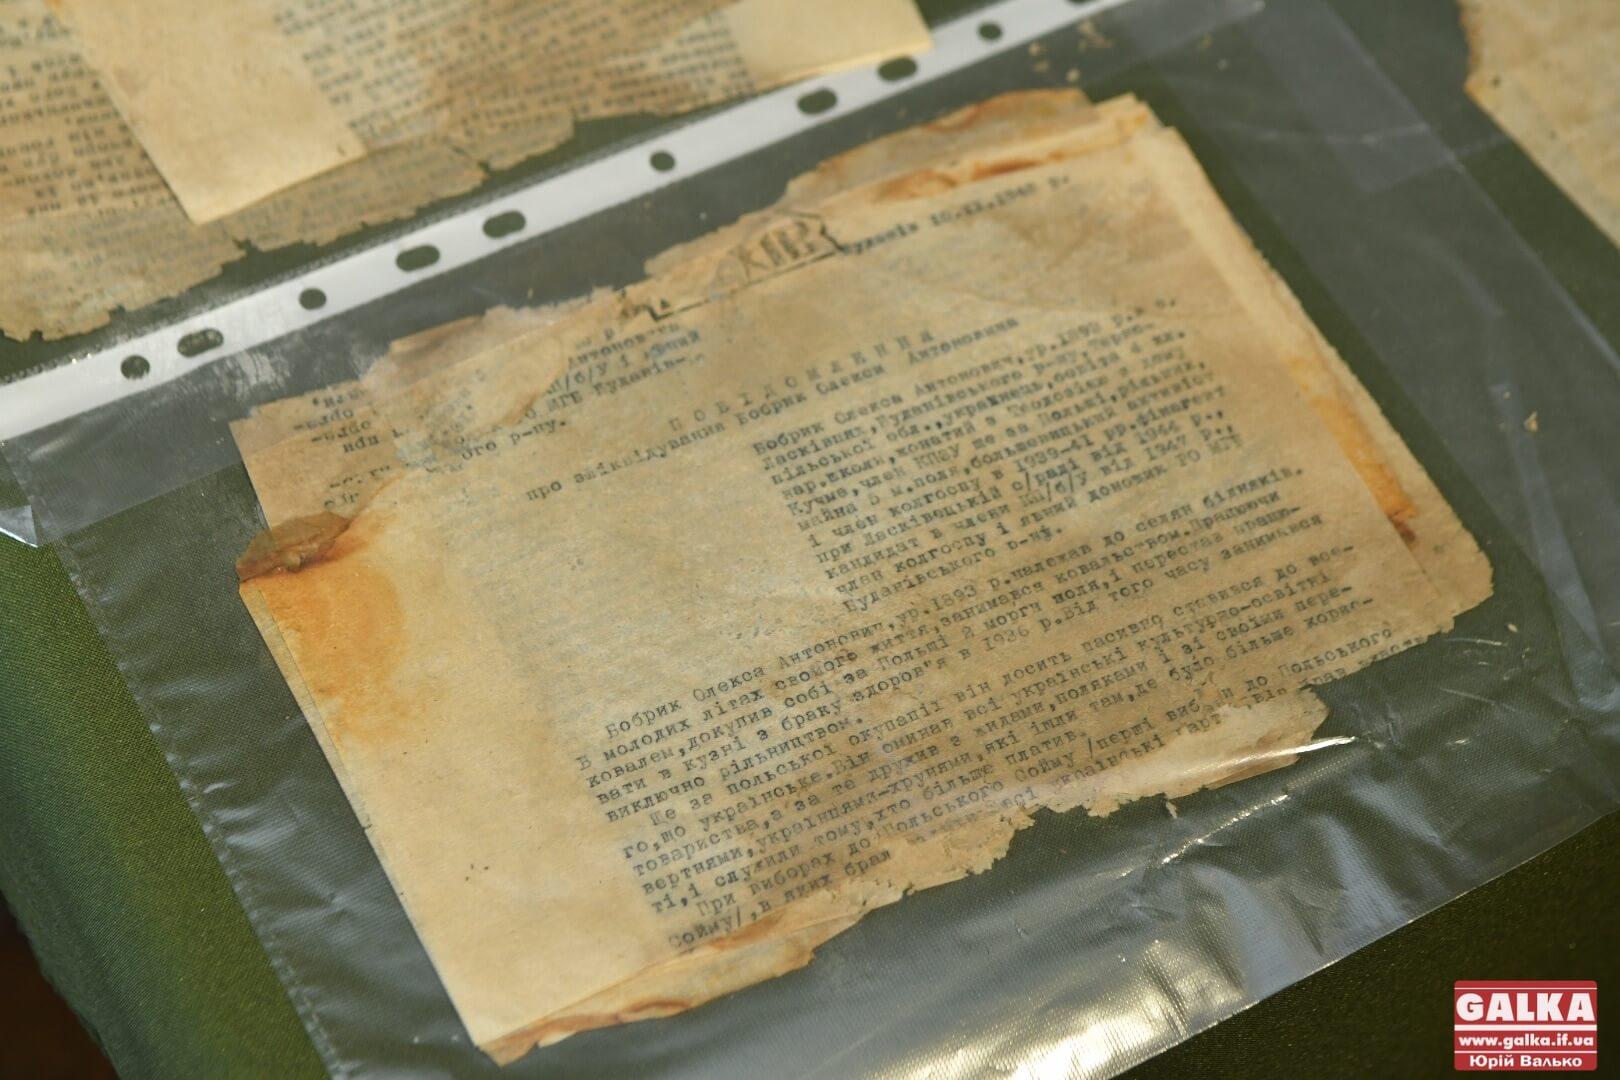 Франківський музей отримав документи Служби Безпеки ОУН 80-річної давнини (ФОТО)